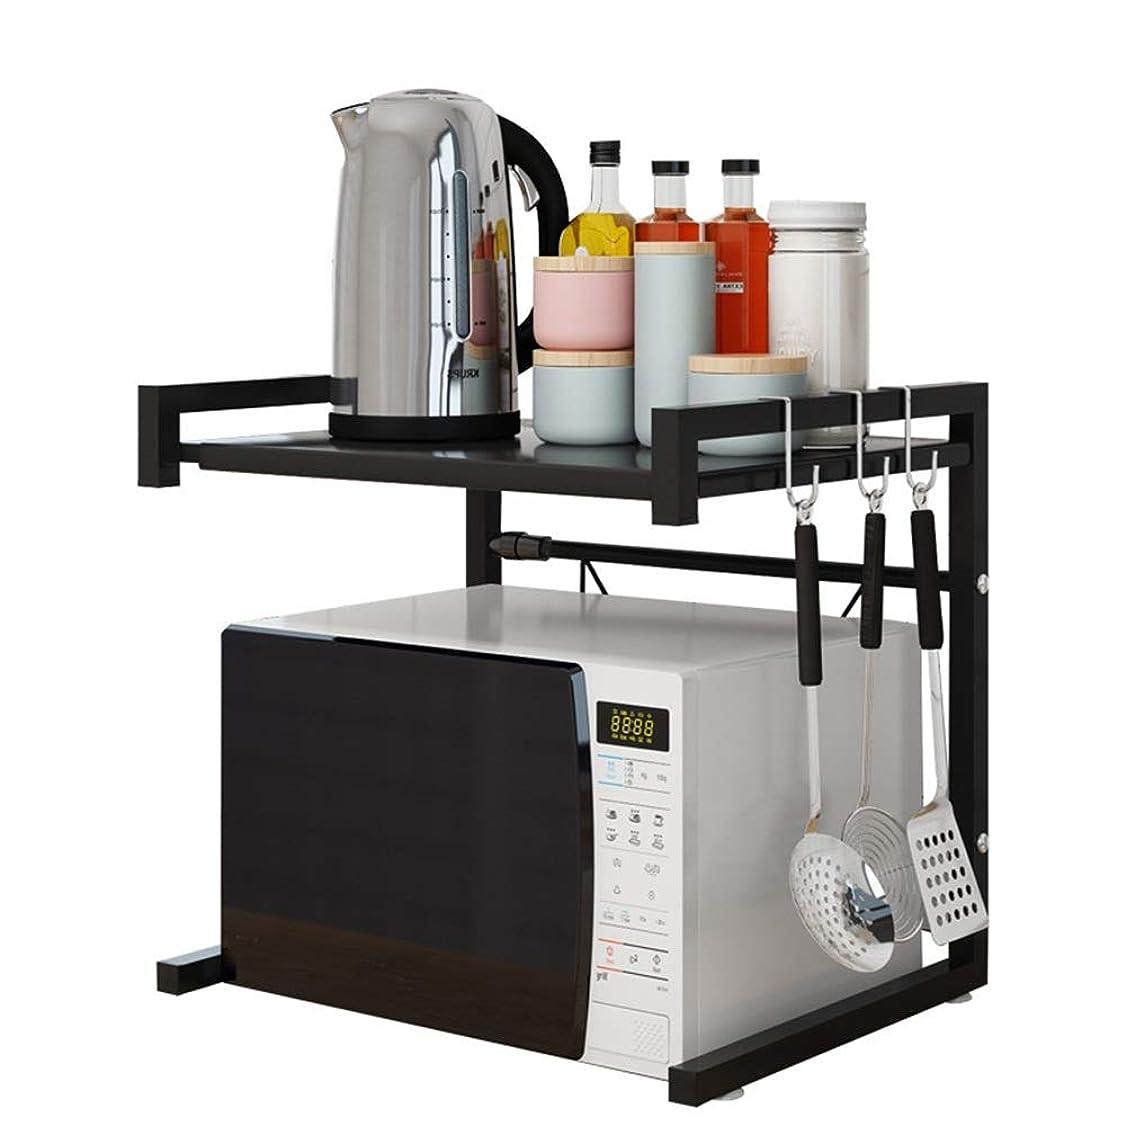 ストレッチマラウイ強調するレンジ台 レンジボードキッチン棚 電子レンジ棚多機能キッチンカウンター棚電子レンジラック膨張式炭素鋼 (色 : ブラック, サイズ : 65X36X42CM)